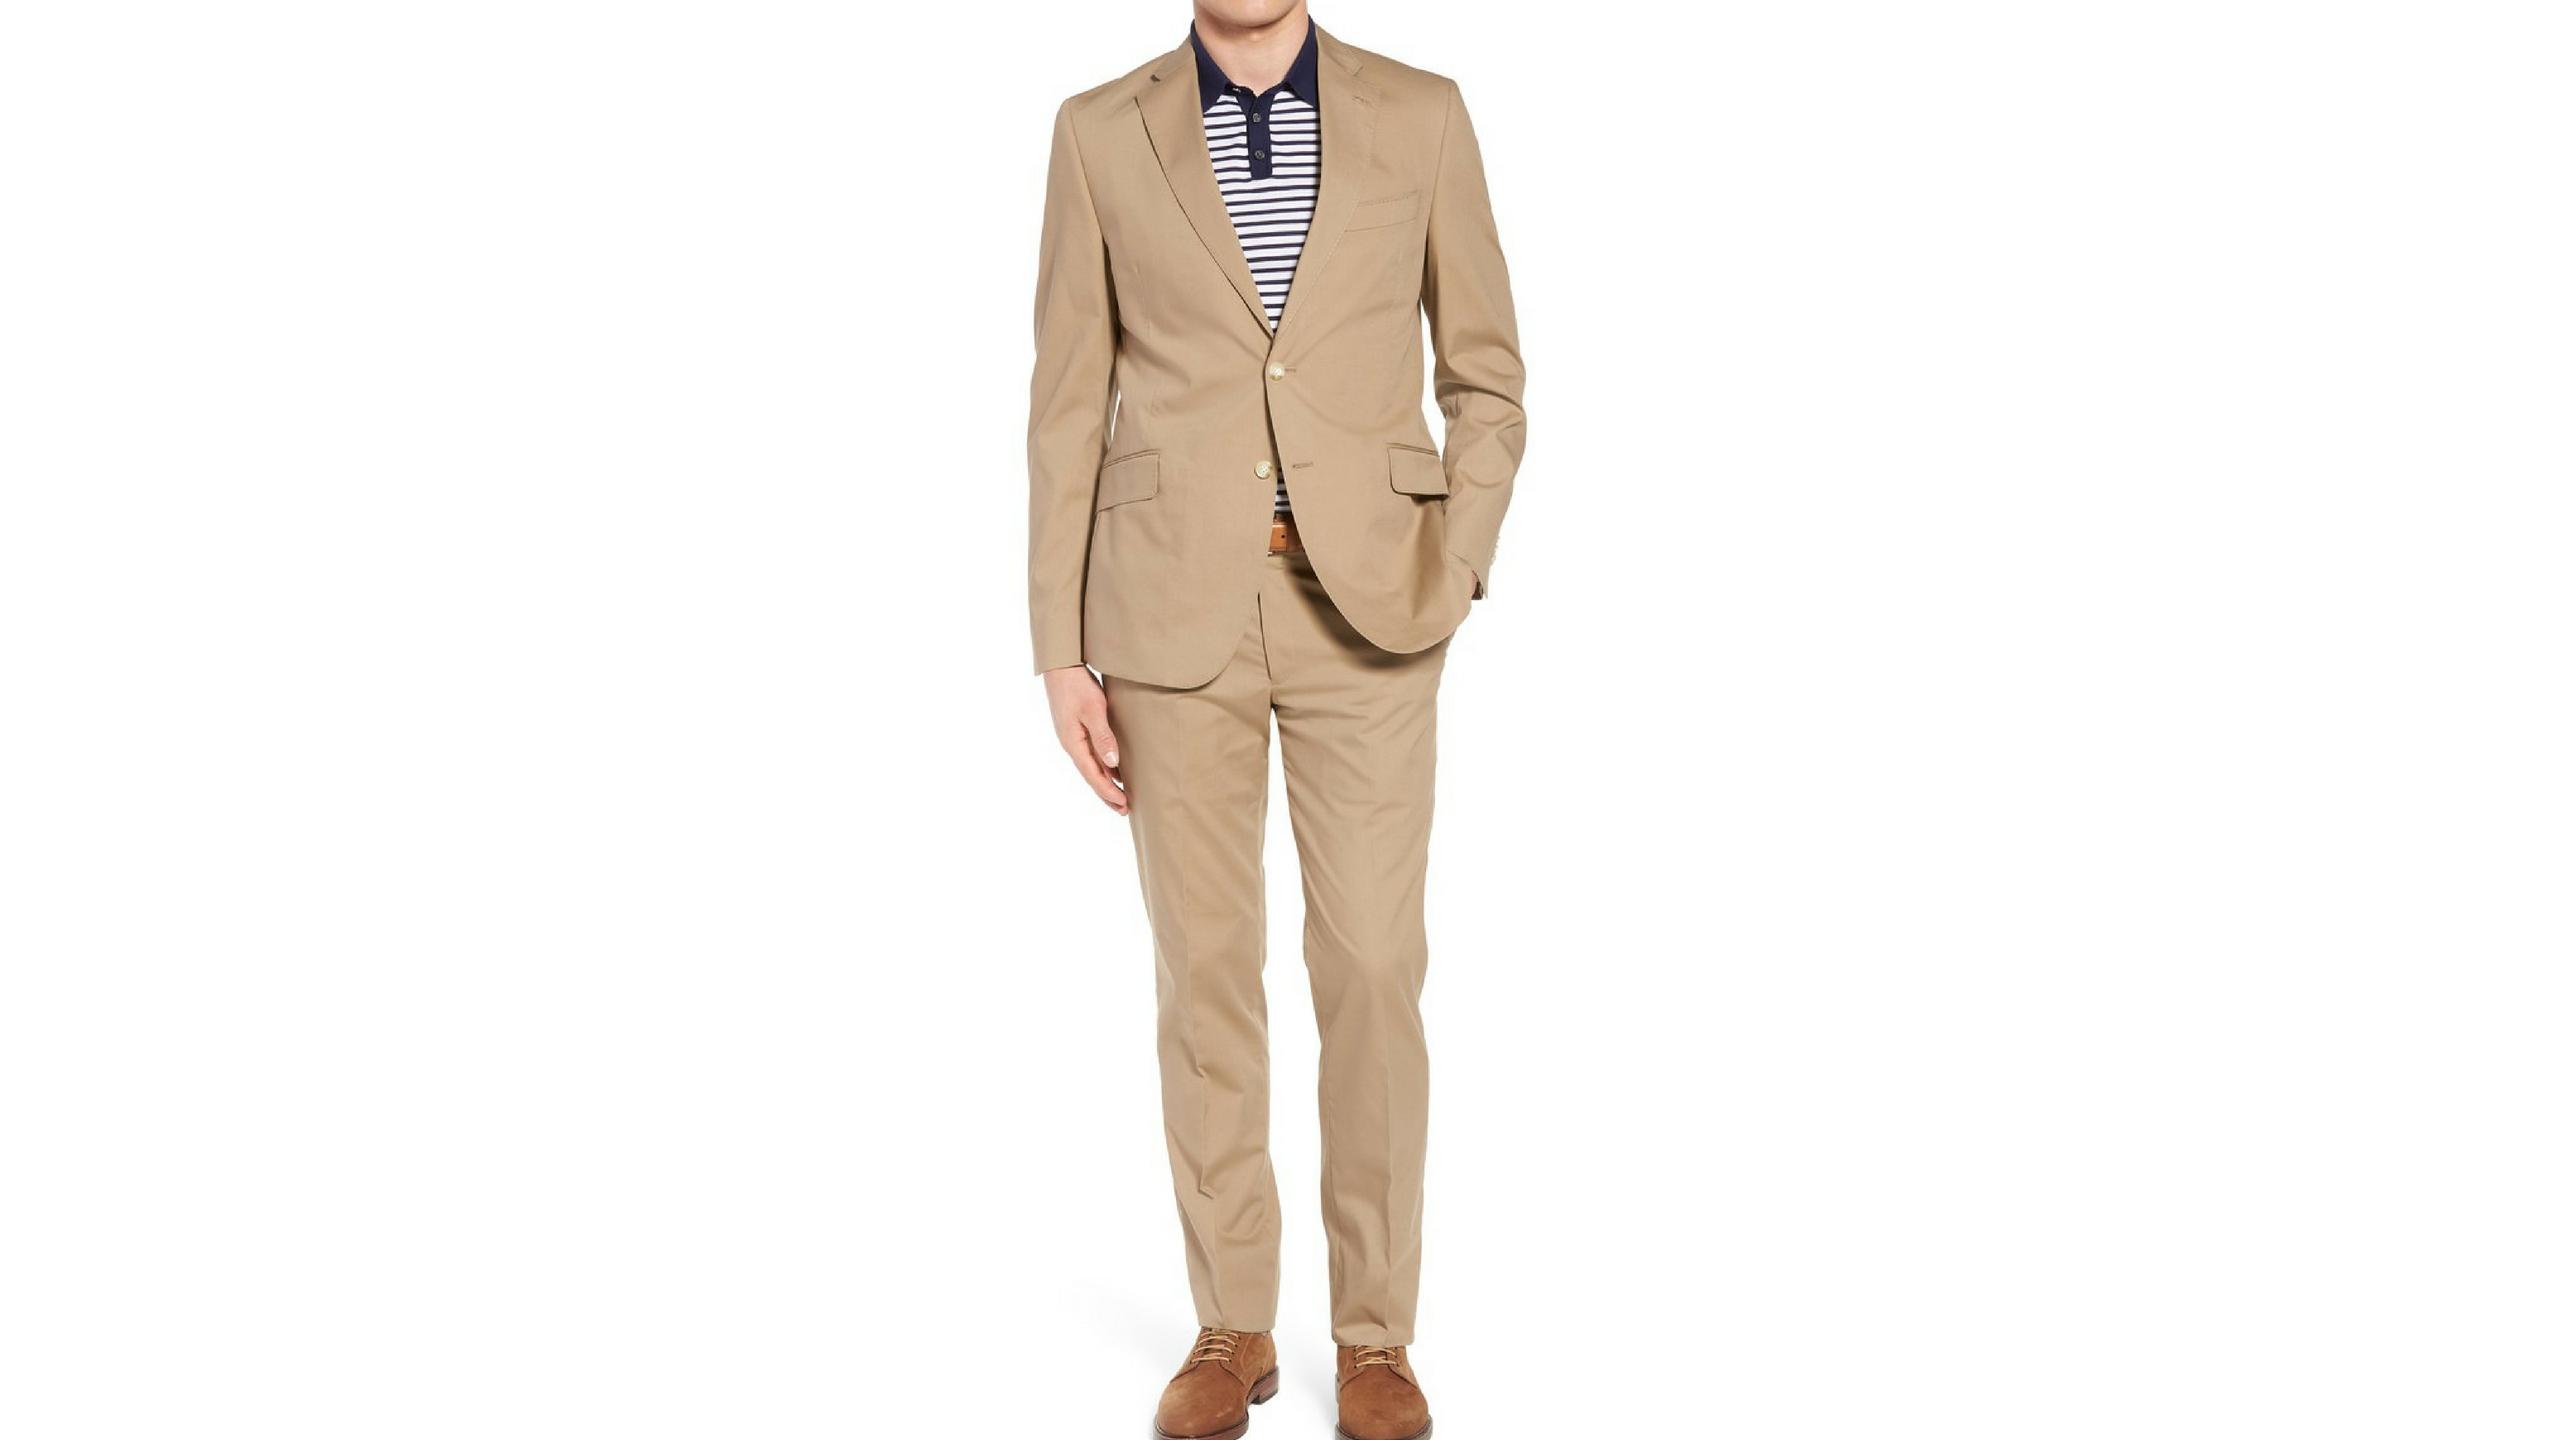 Khaki Suits